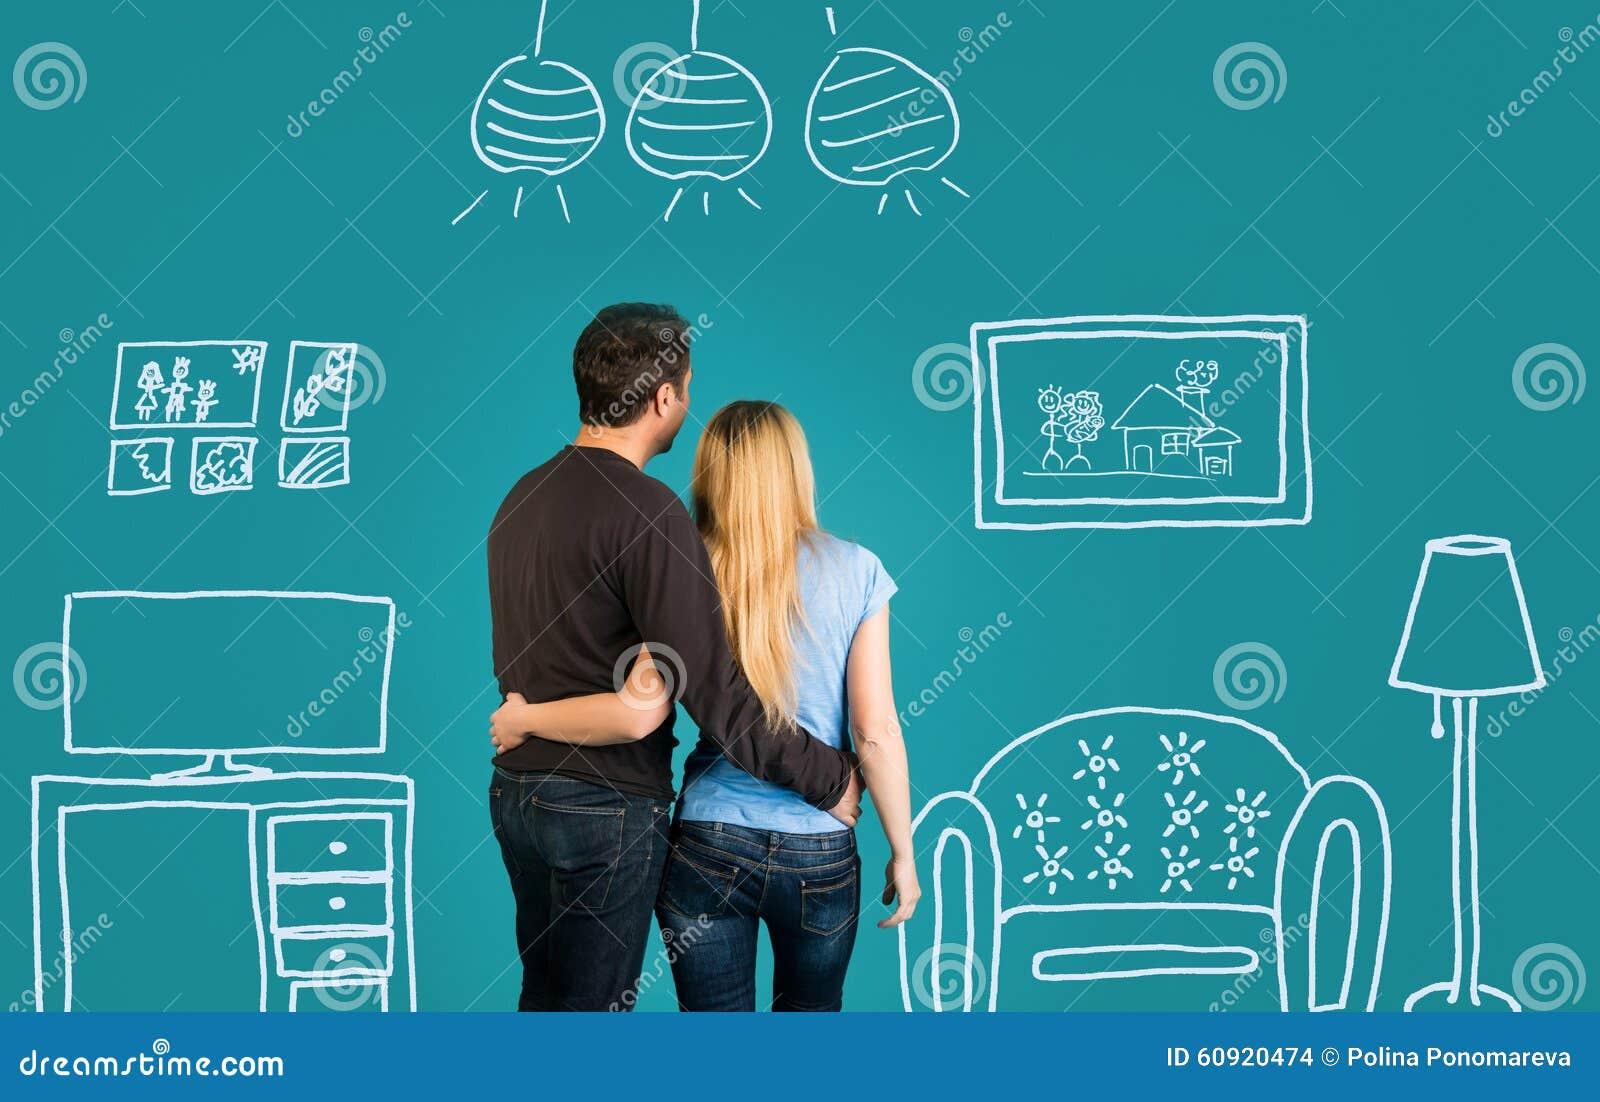 Gelukkig Paar die van Hun Nieuw Huis dromen of op Blauwe Achtergrond leveren Familie met Schetstekening van Hun Toekomstig Vlak B